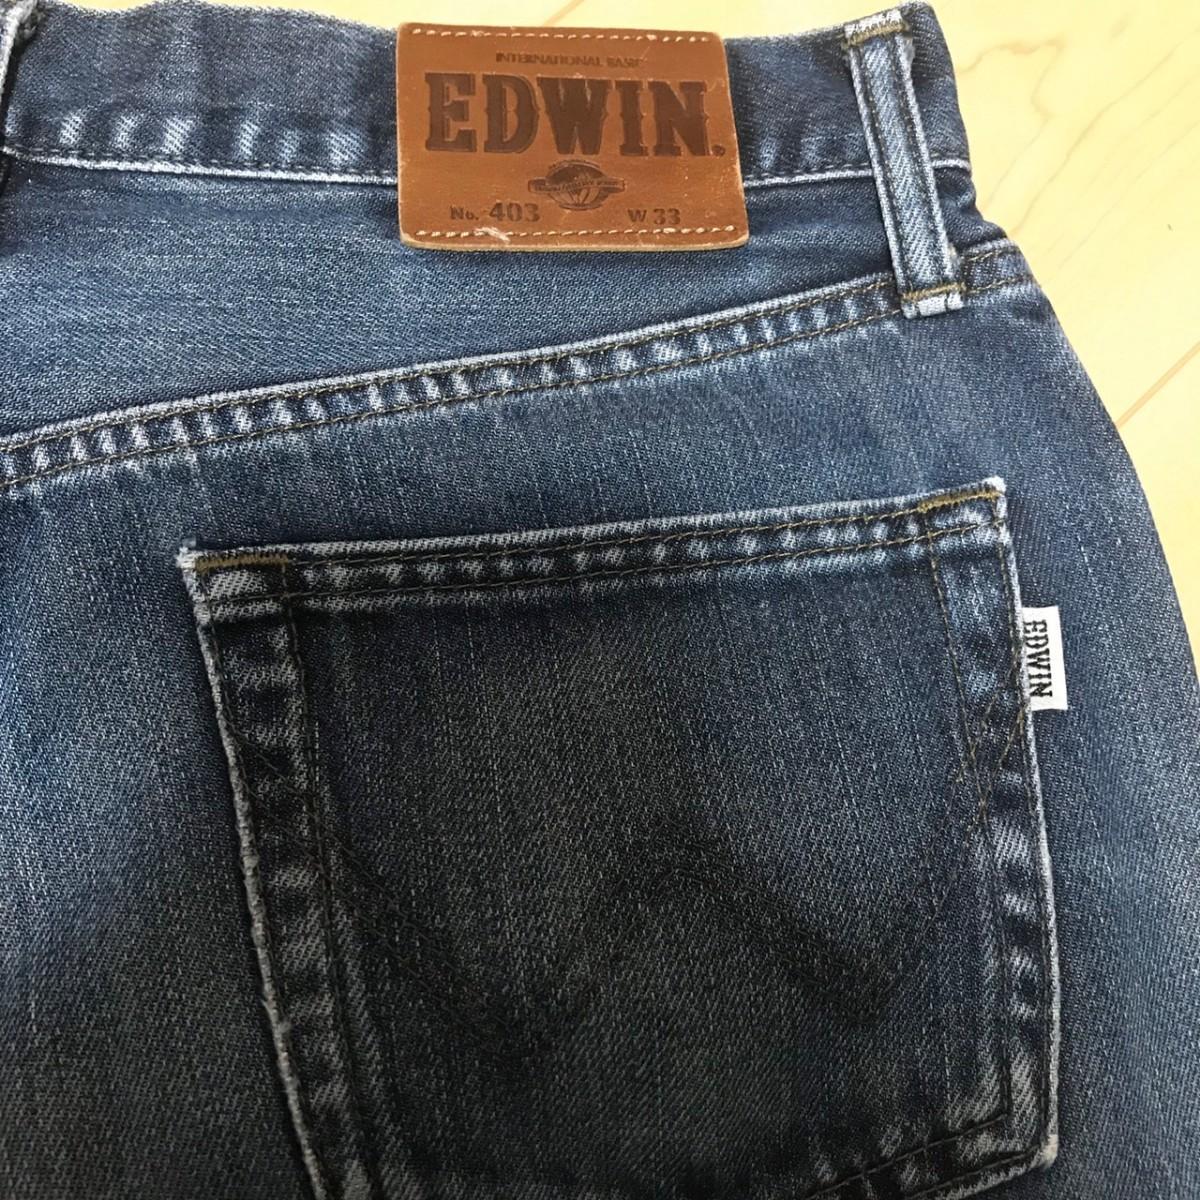 エドウィン メンズ ジーパン パンツ  デニムパンツ